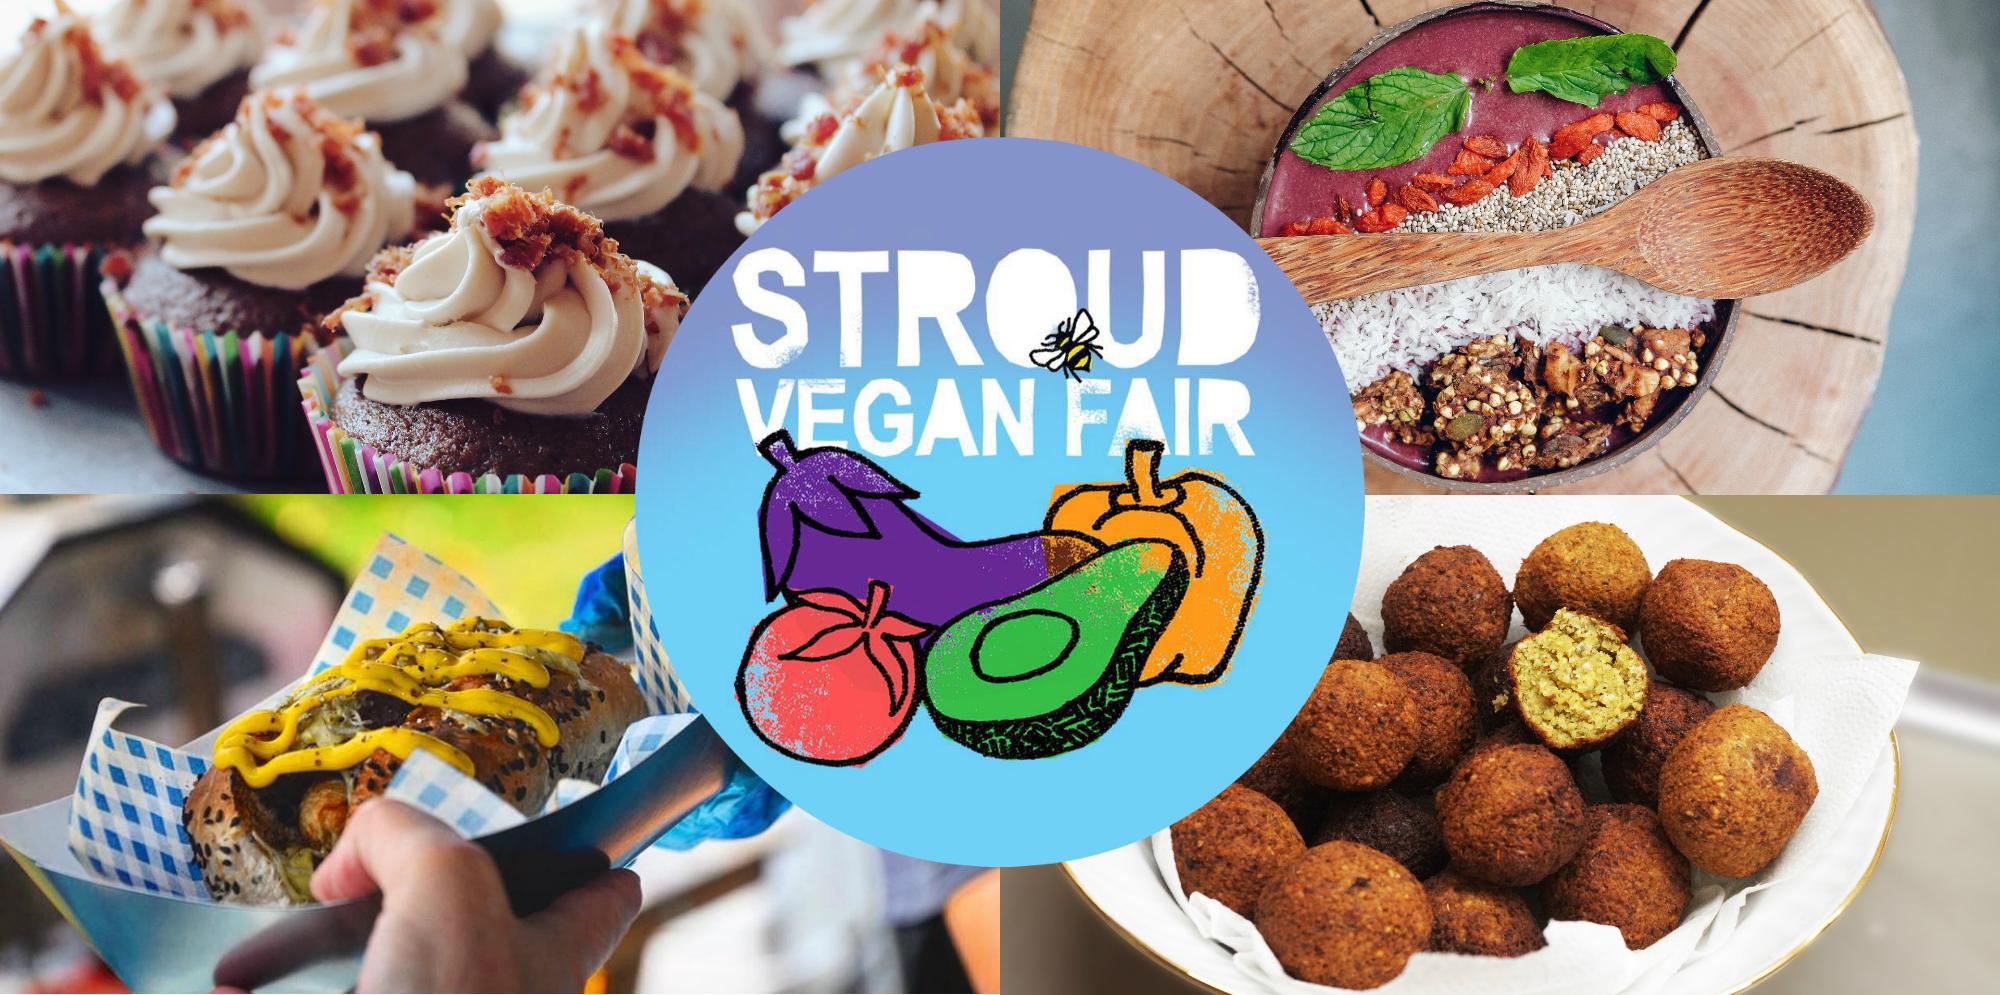 Stroud Vegan Fair 2019.jpg